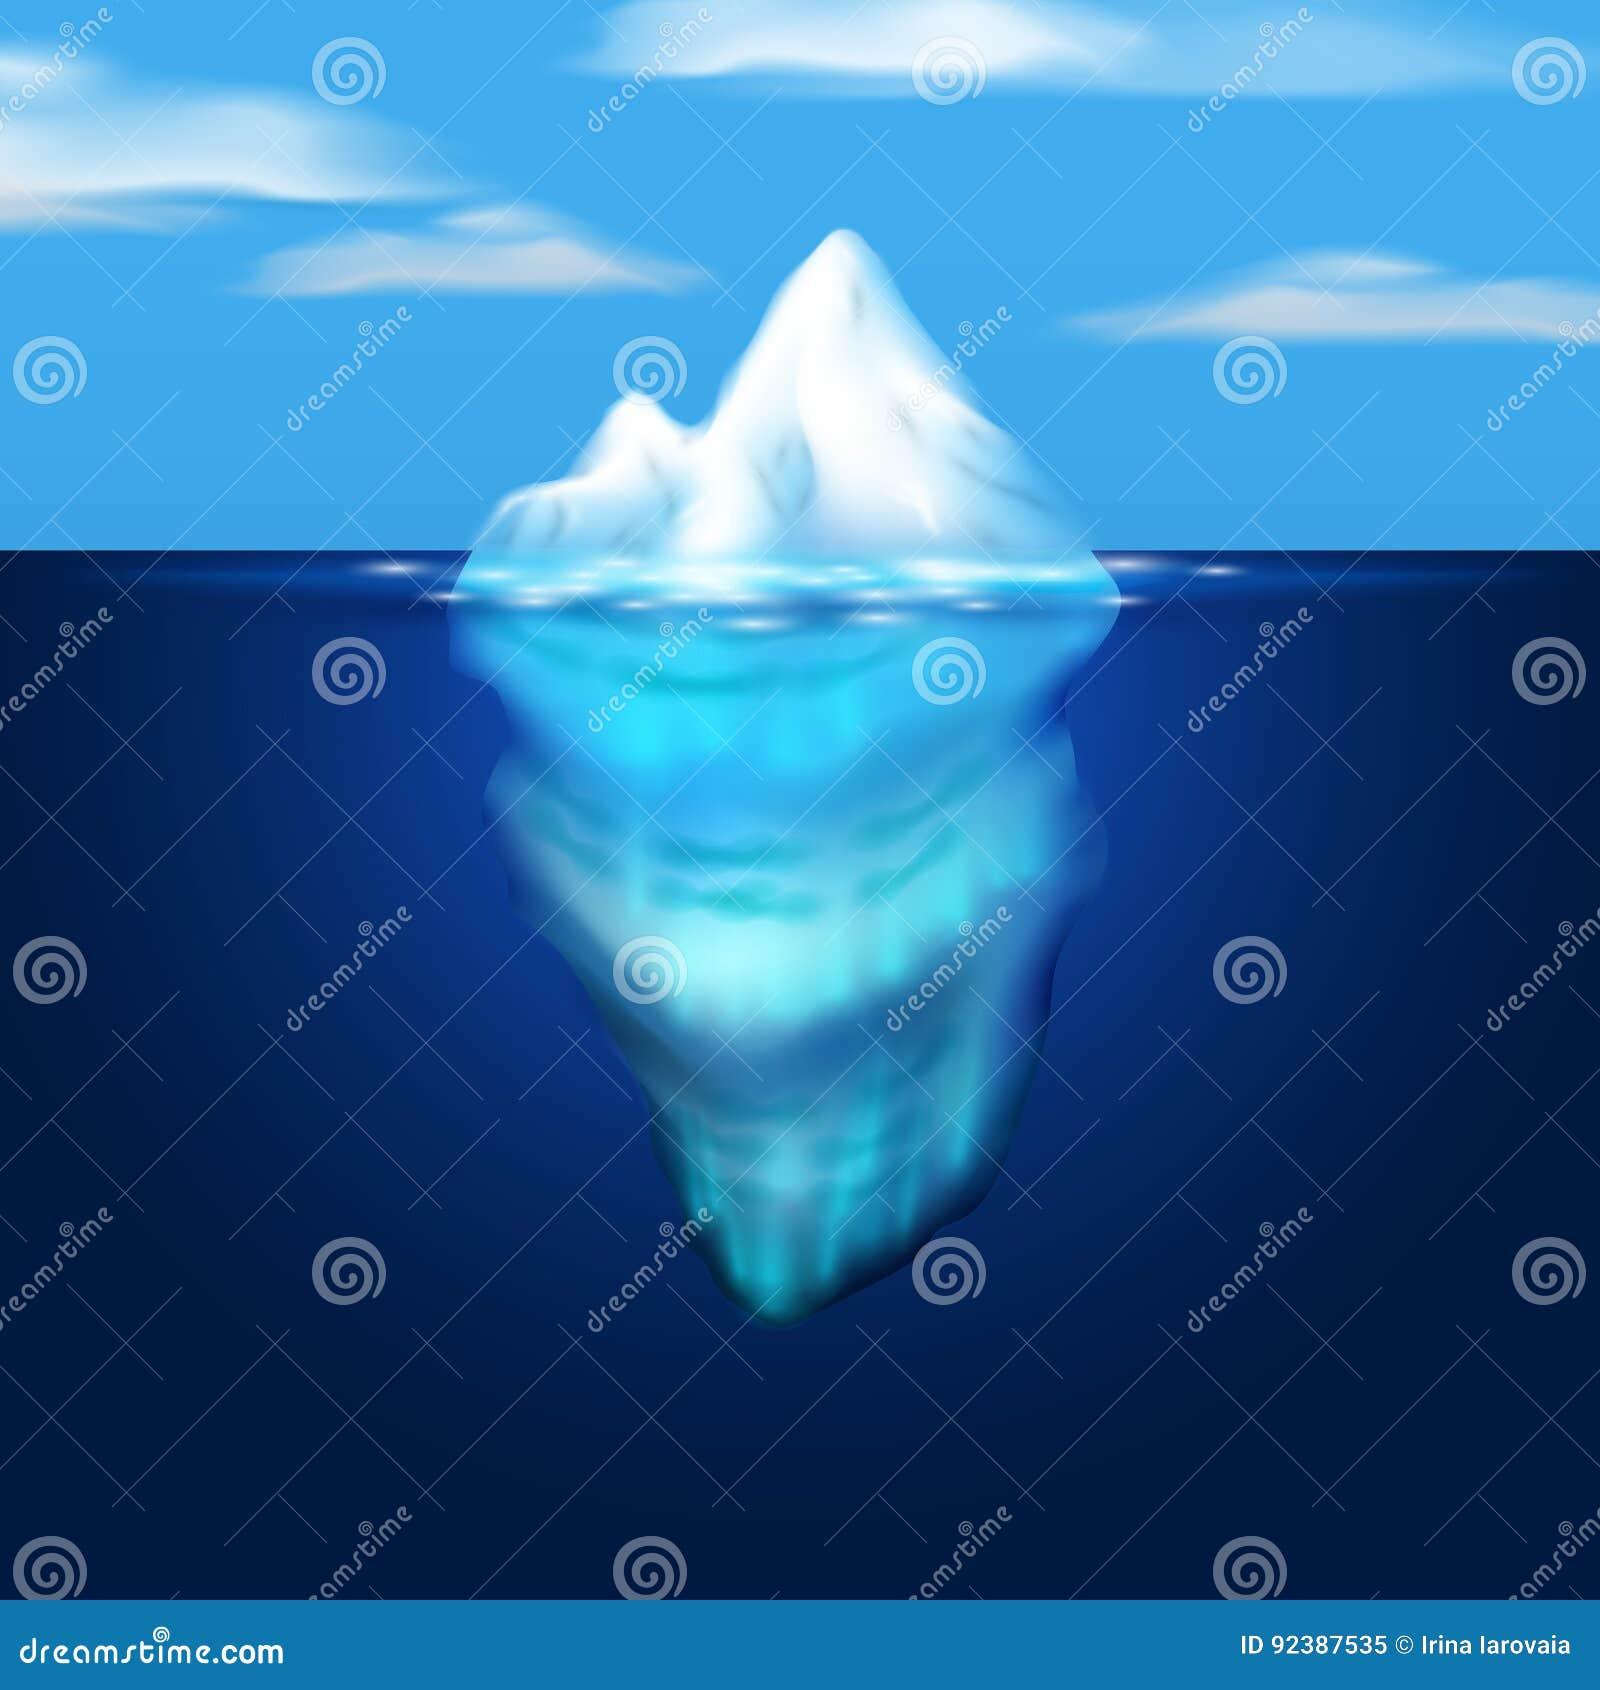 Góry lodowa ilustracja Blok lód w morzu niebieski obraz nieba tęczową chmura wektora